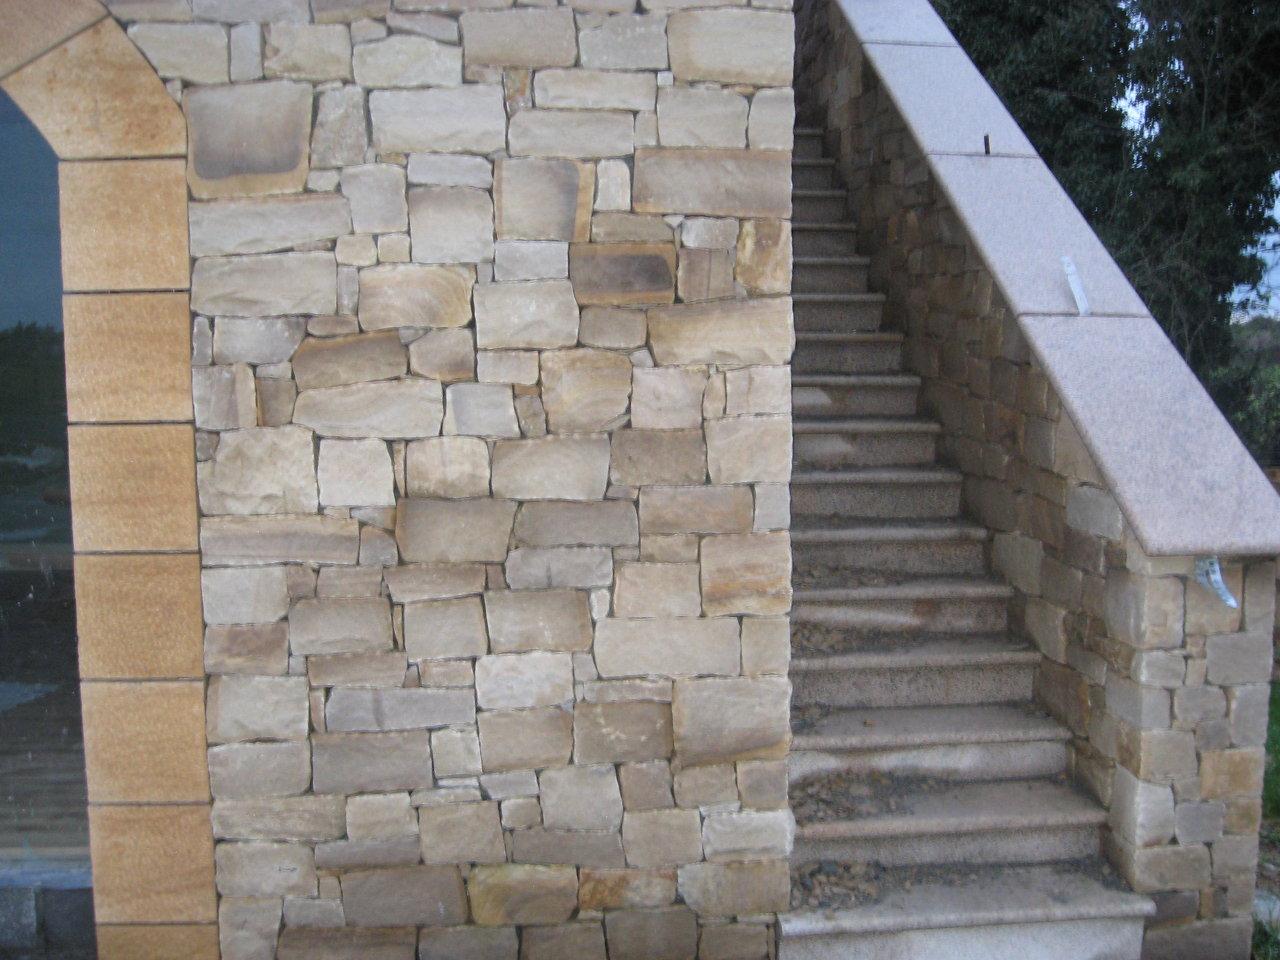 sandstone building & granite steps